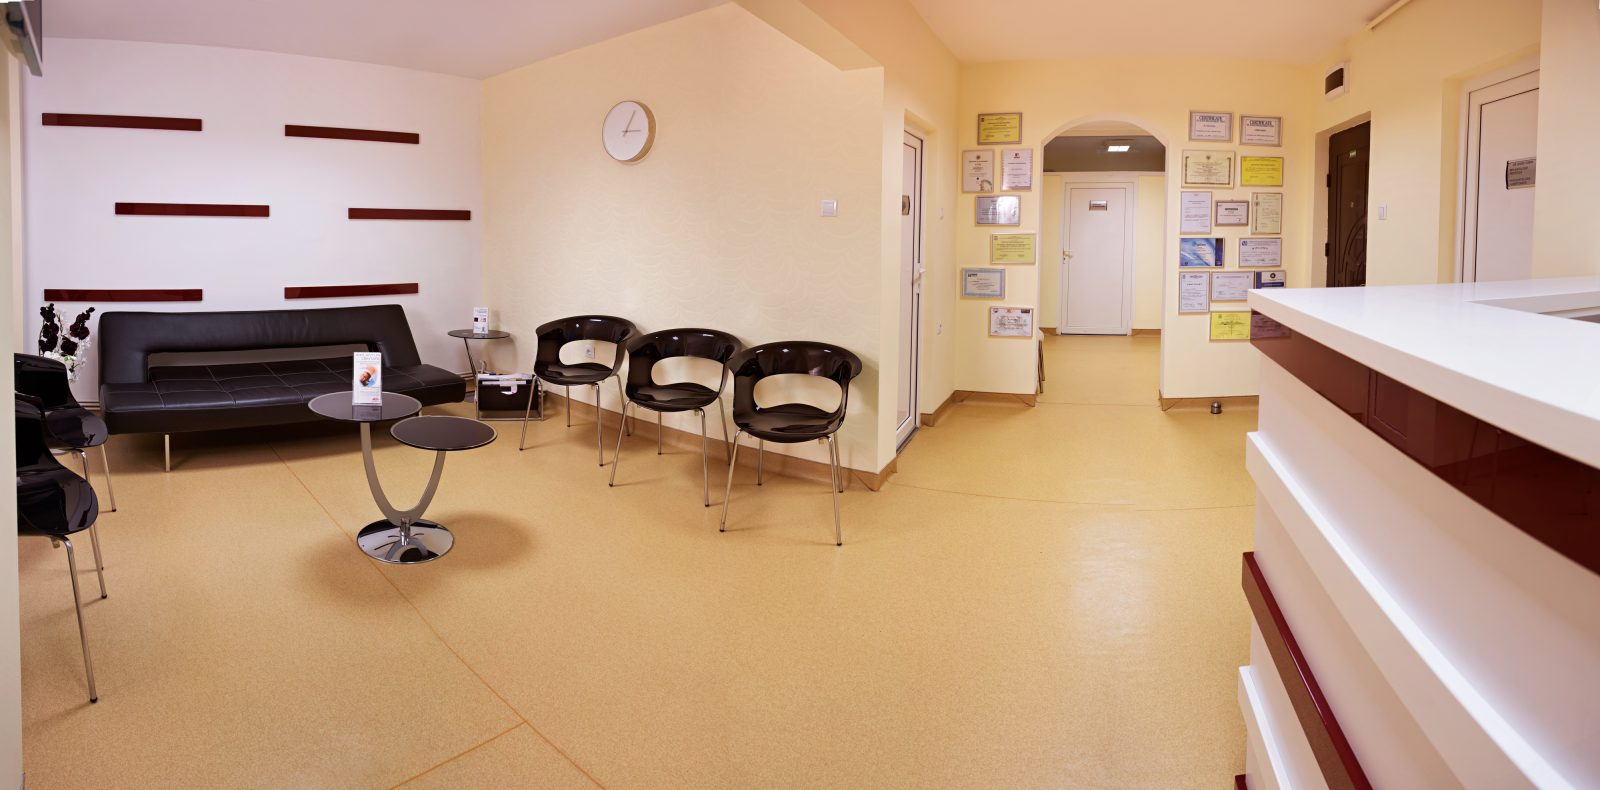 GS Clinic reception area 2